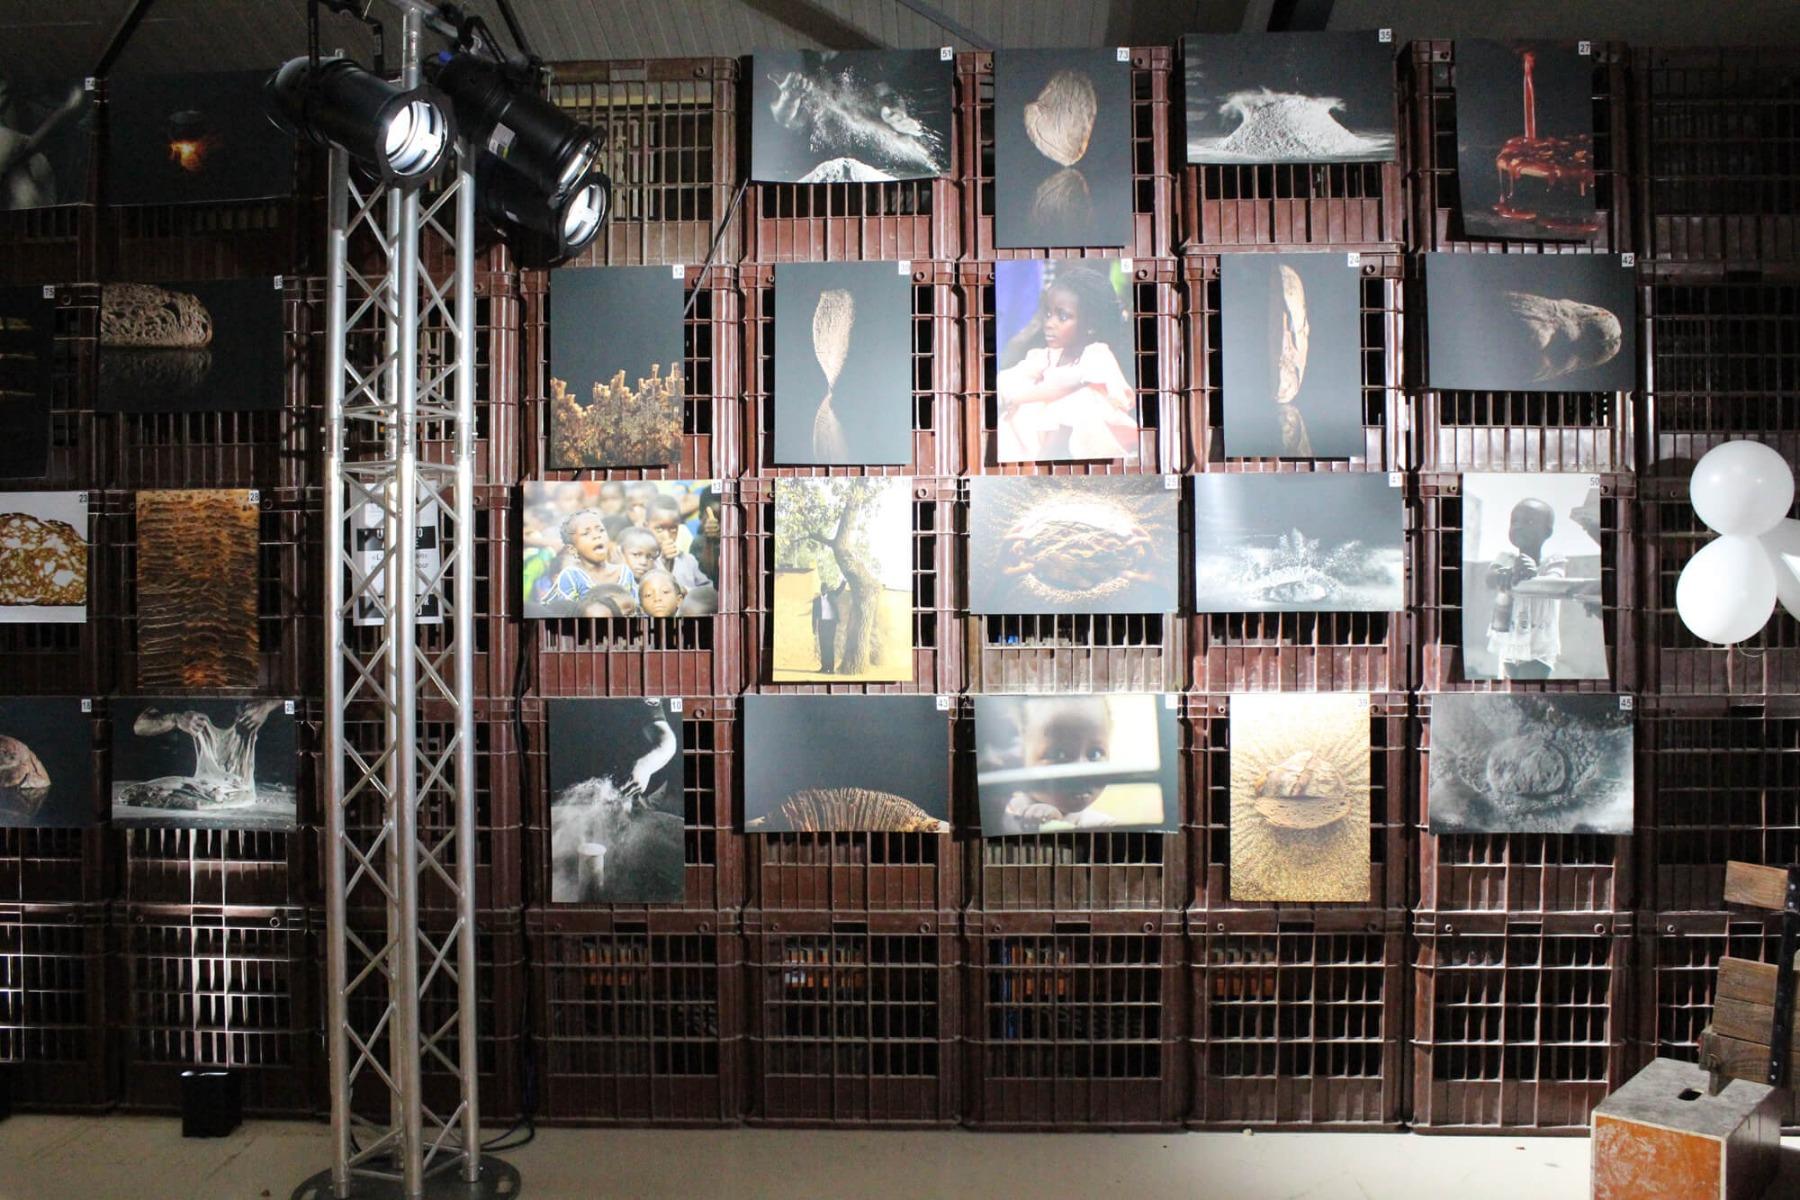 Mise en valeur de l'art avec projecteur sur totem